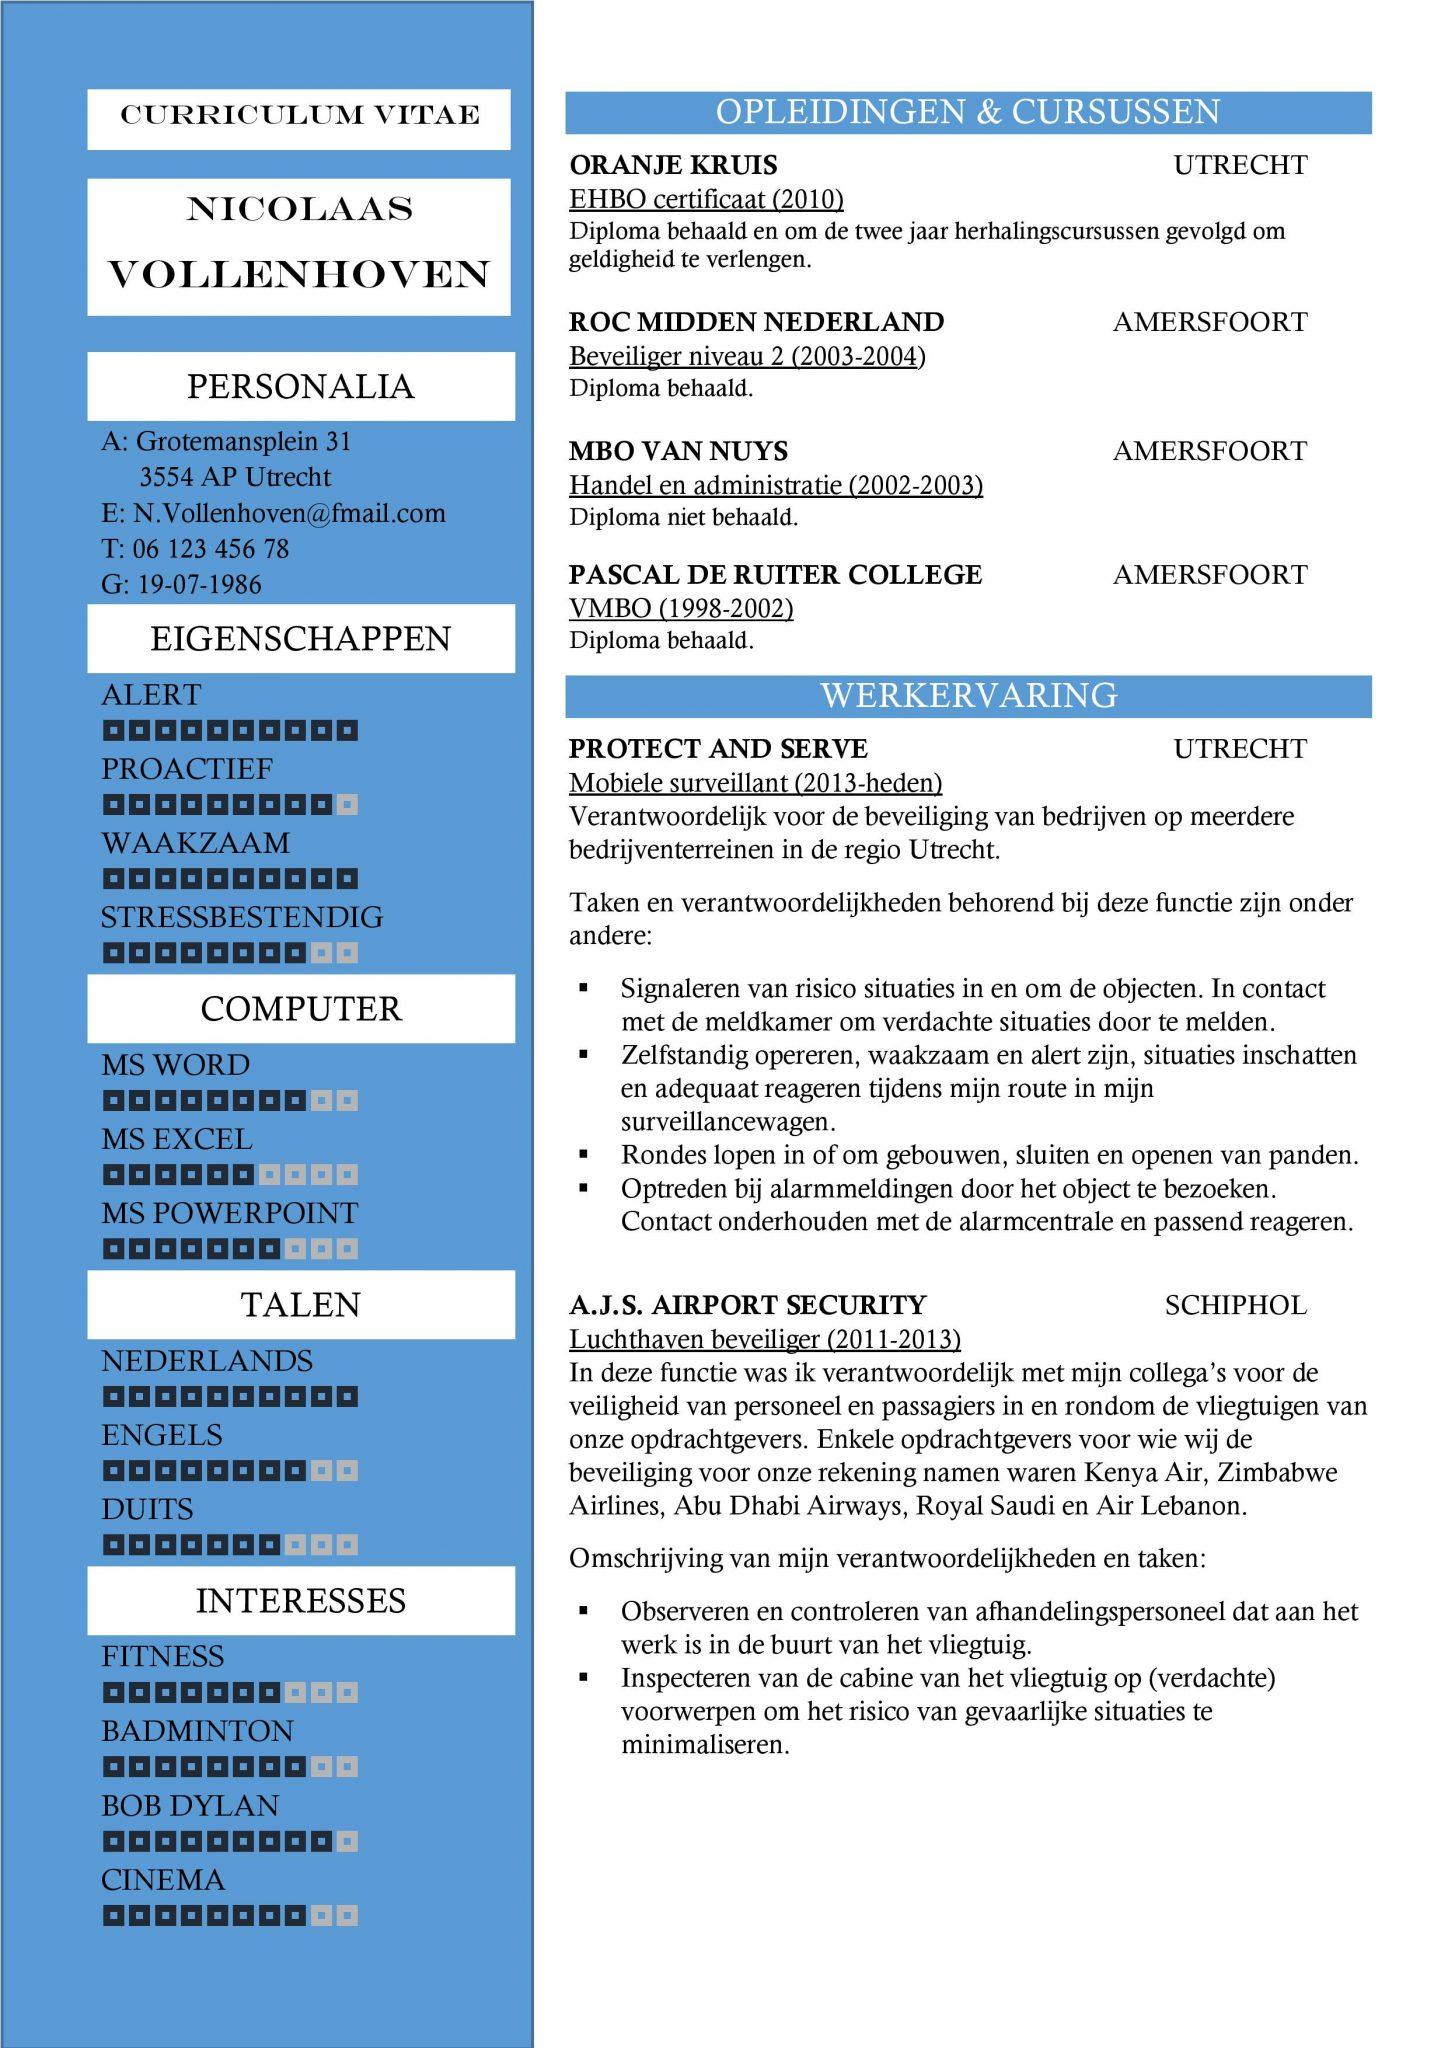 Magnifiek Gratis CV Sjabloon Voorbeelden | CV Templates / Sjablonen in Word @HF68